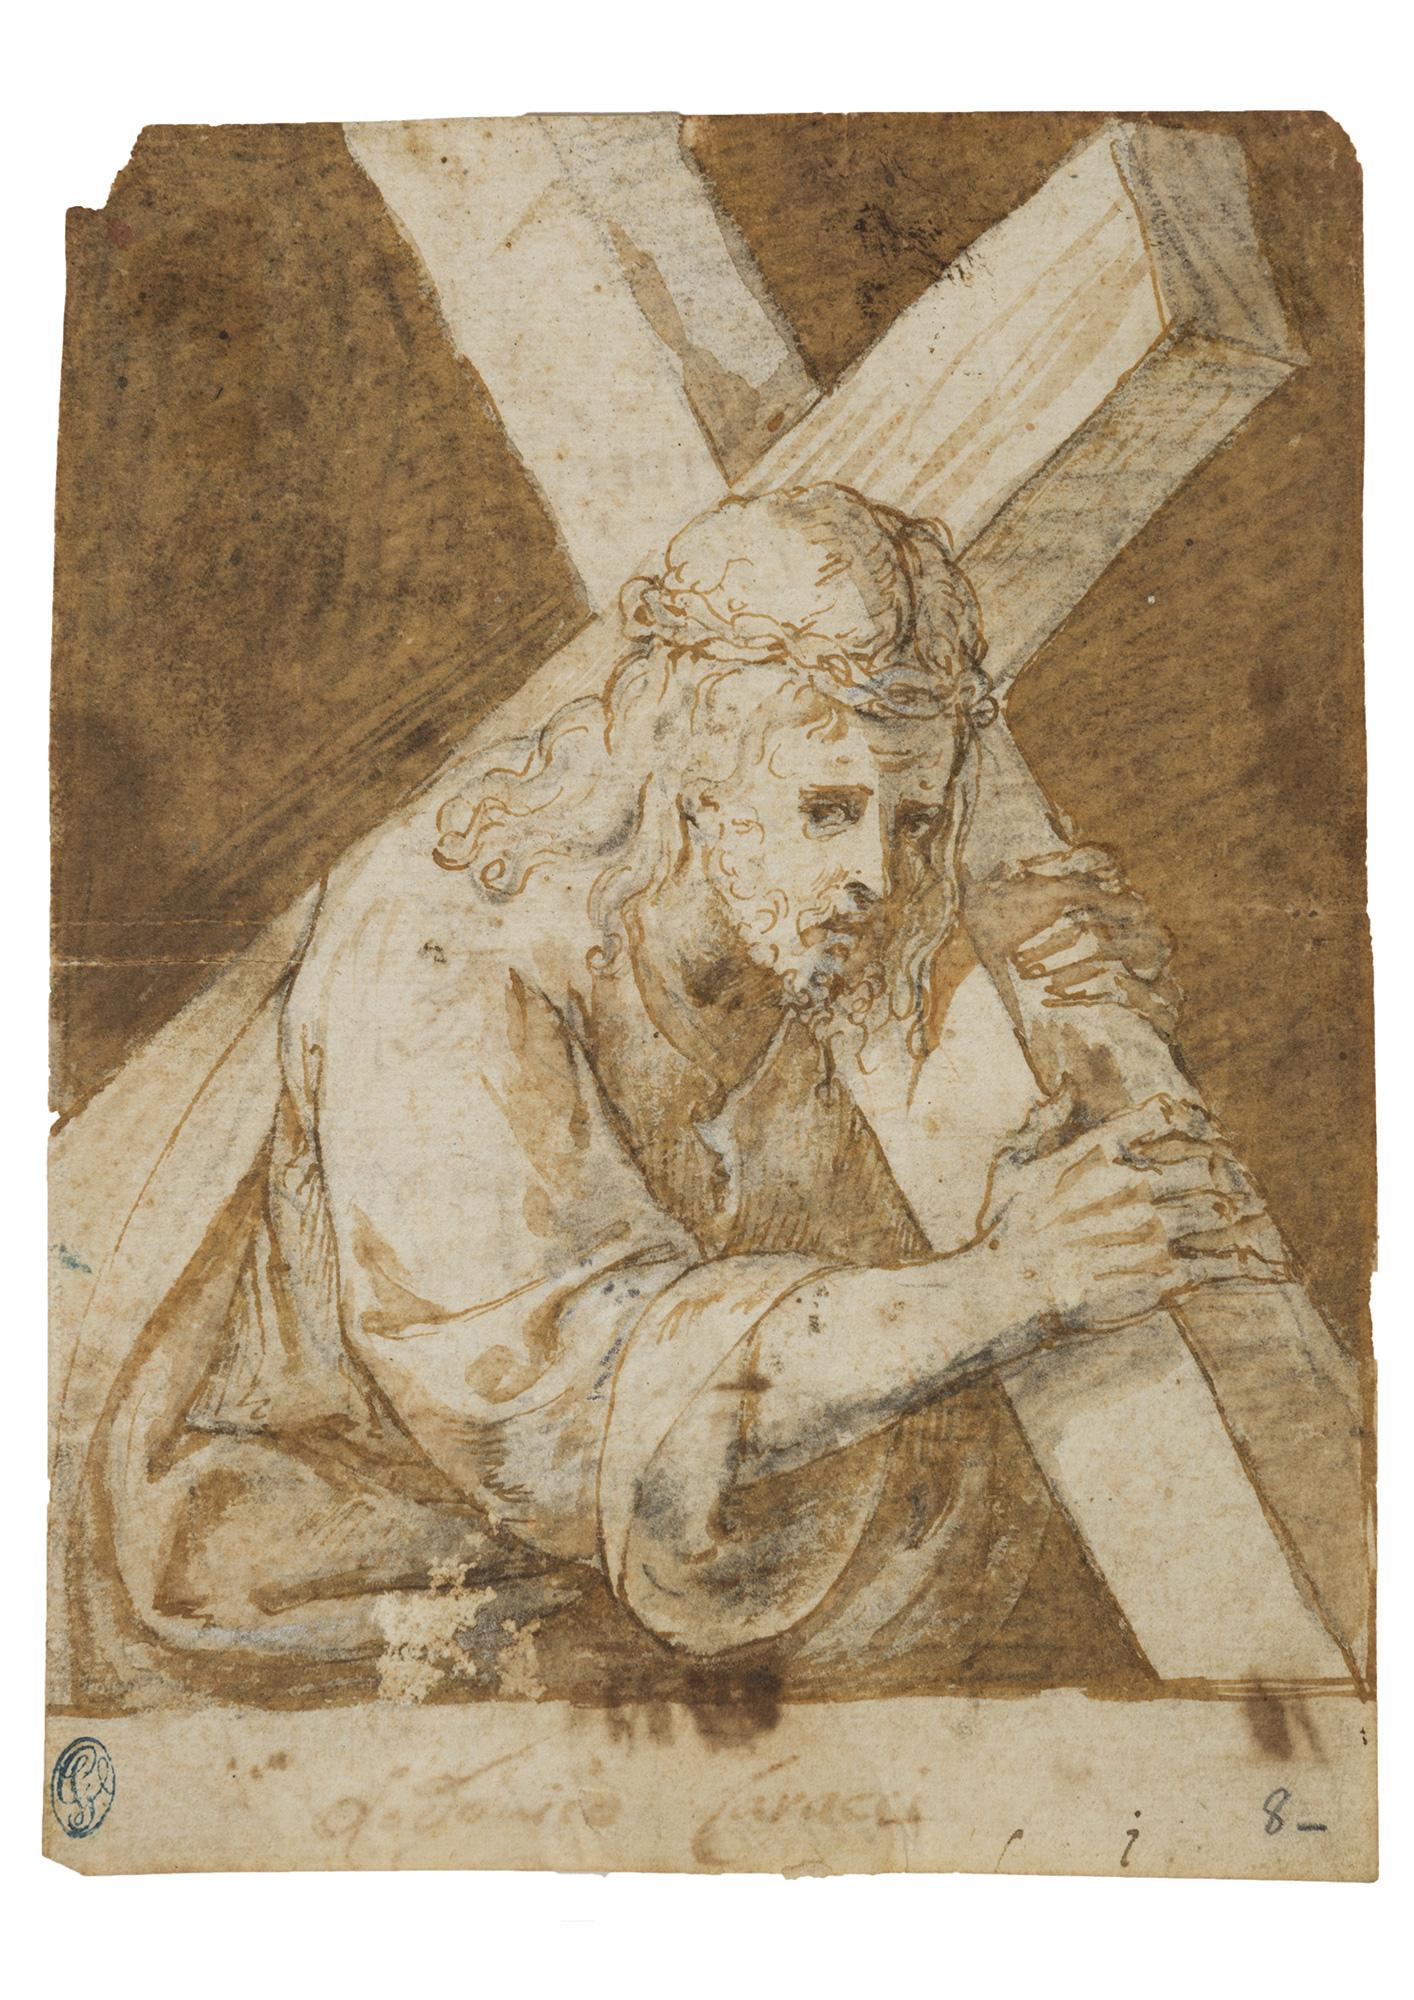 Cristo portacroce (recto) e studio per stemma nobiliare (verso)